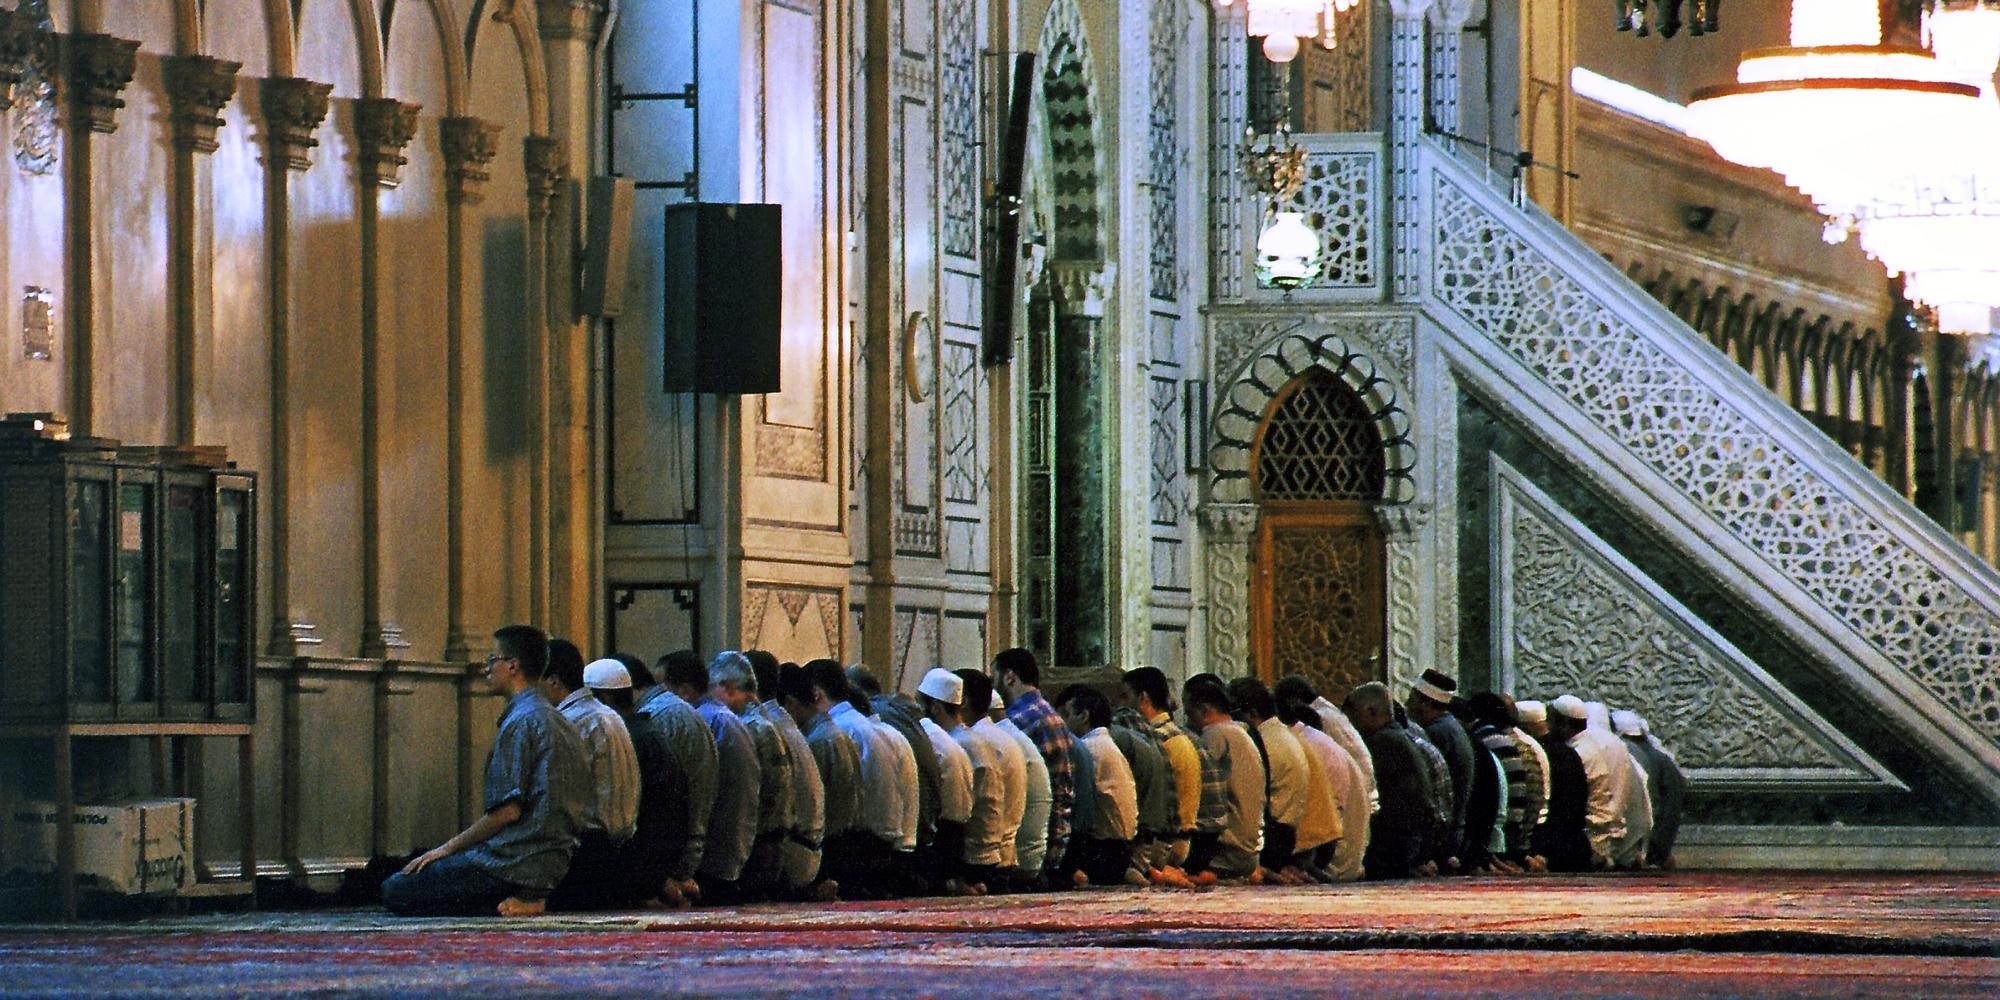 Ramadán – Dny vodříkání inoci plné veselí